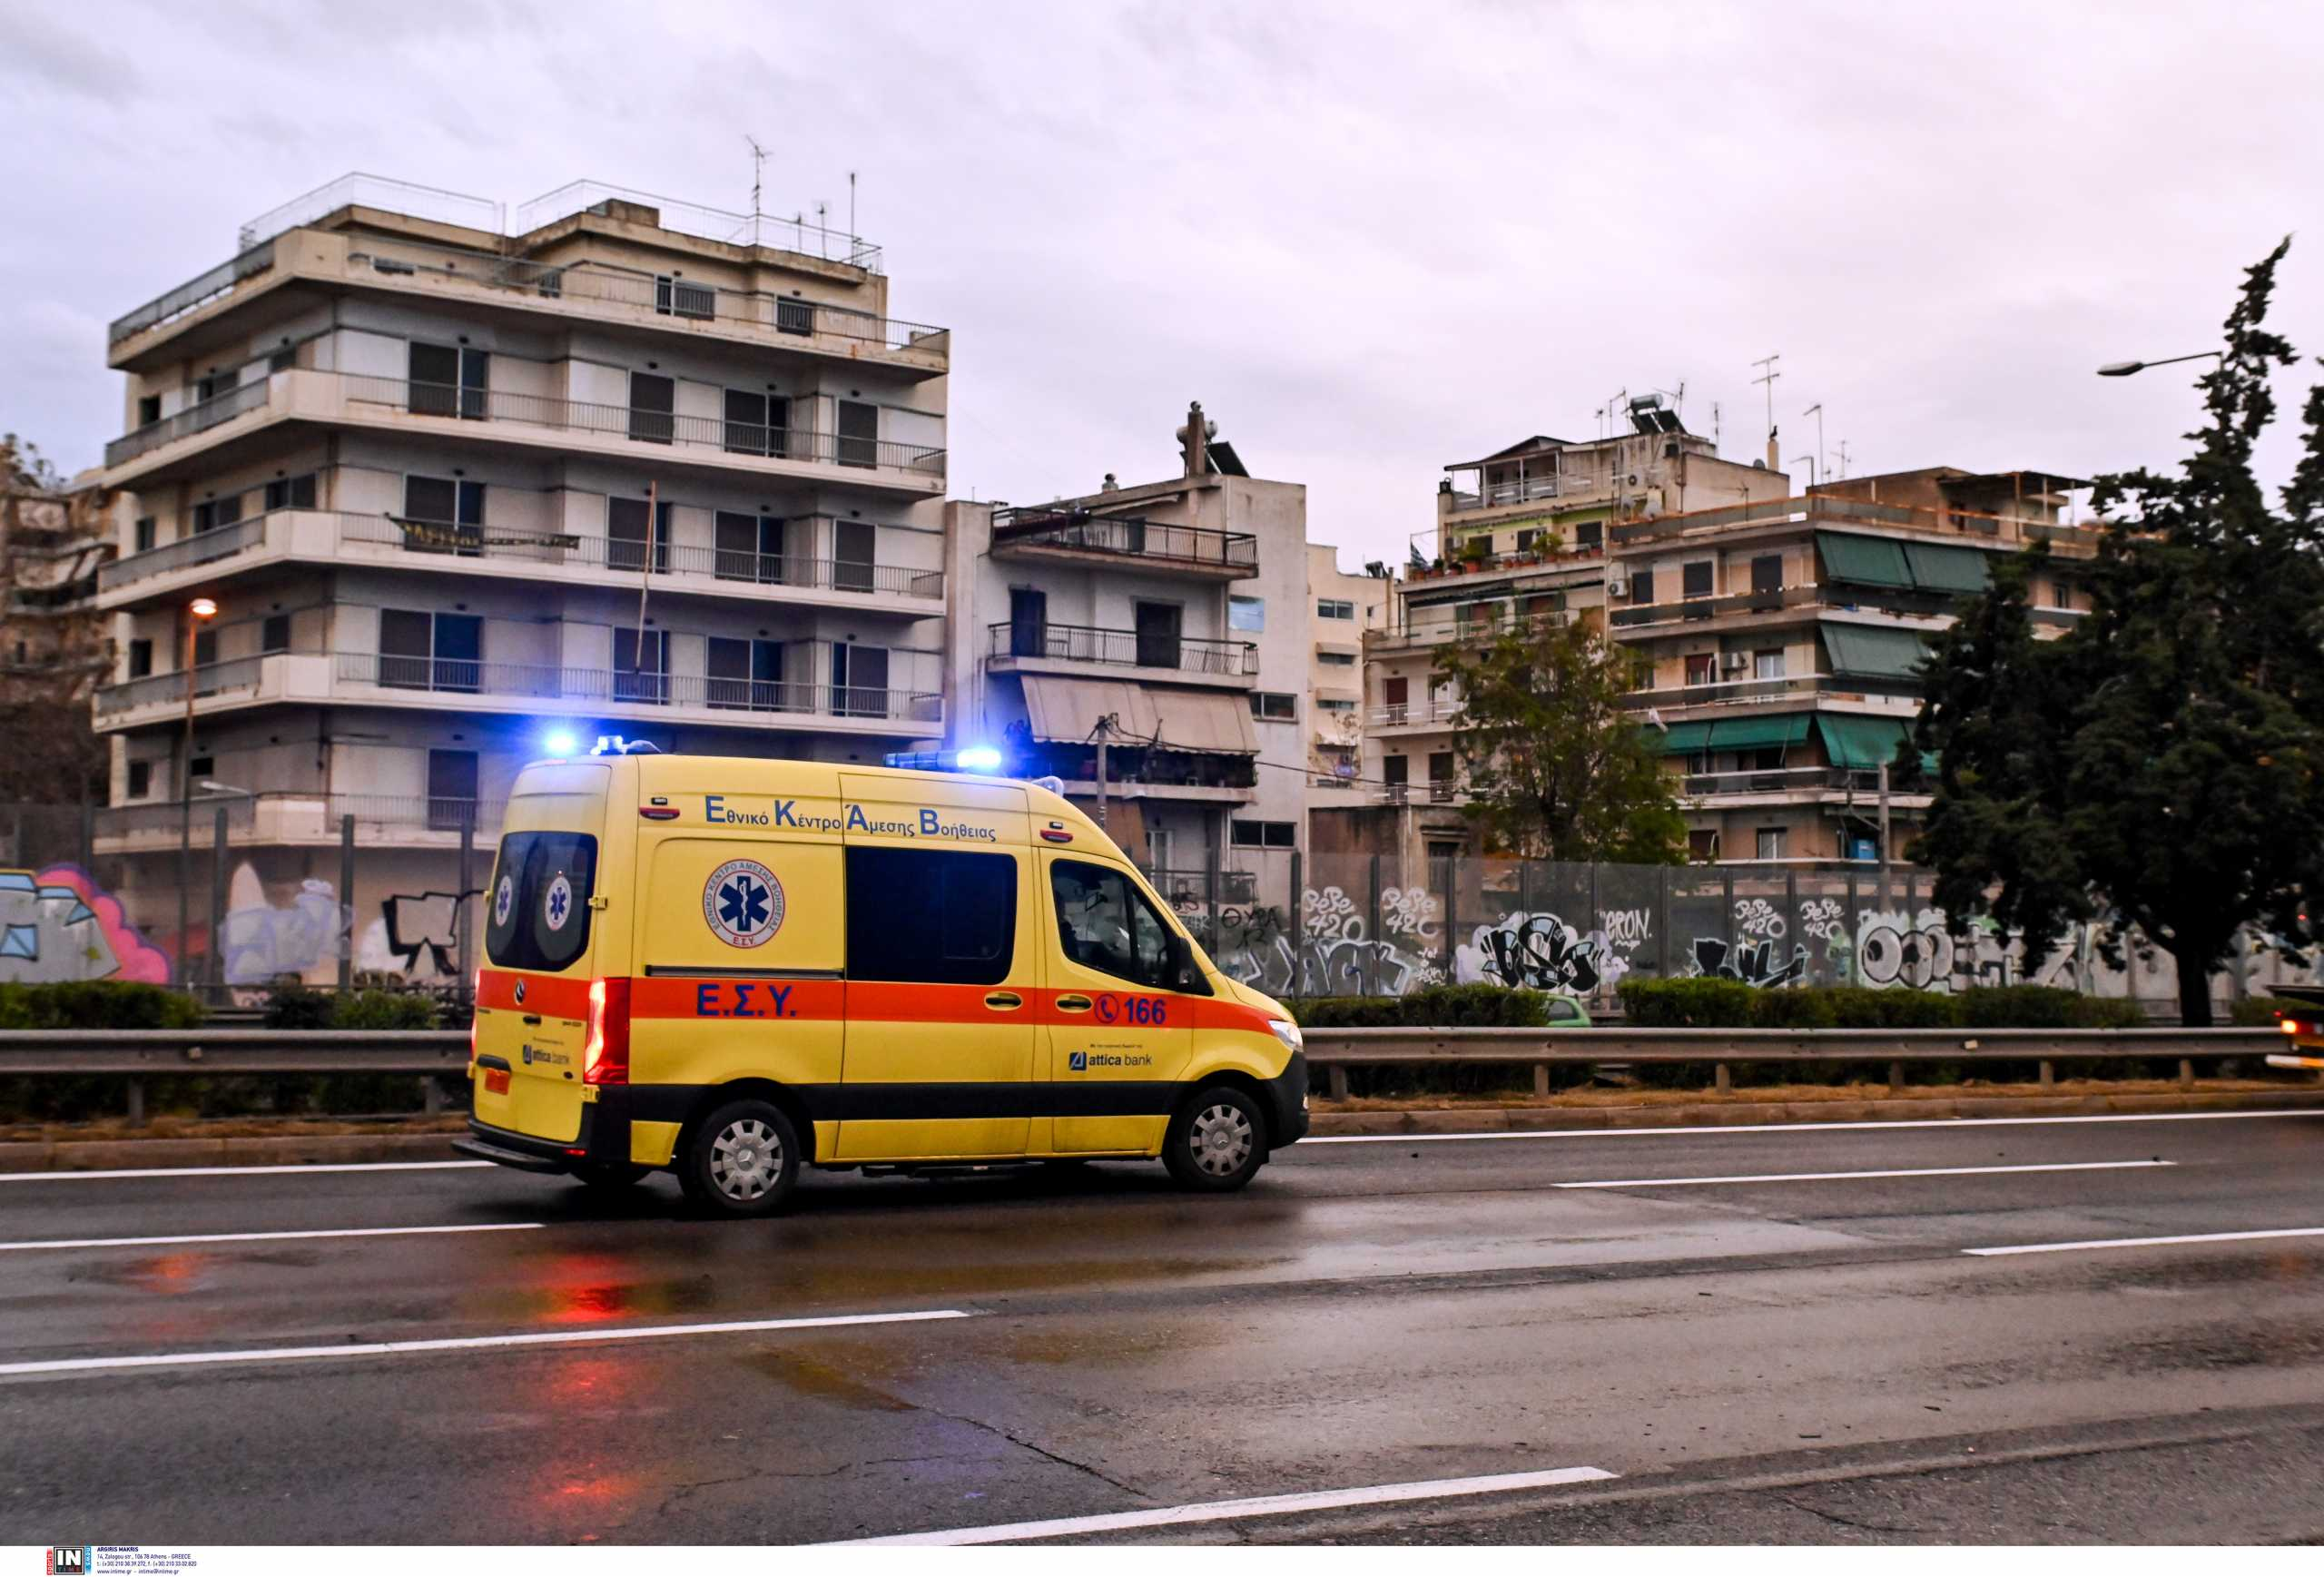 Ιατροδικαστής για το θάνατο της 44χρονης στη Χαλάστρα: «Δεν υπήρξε θρόμβωση ή οξύ αίτιο»